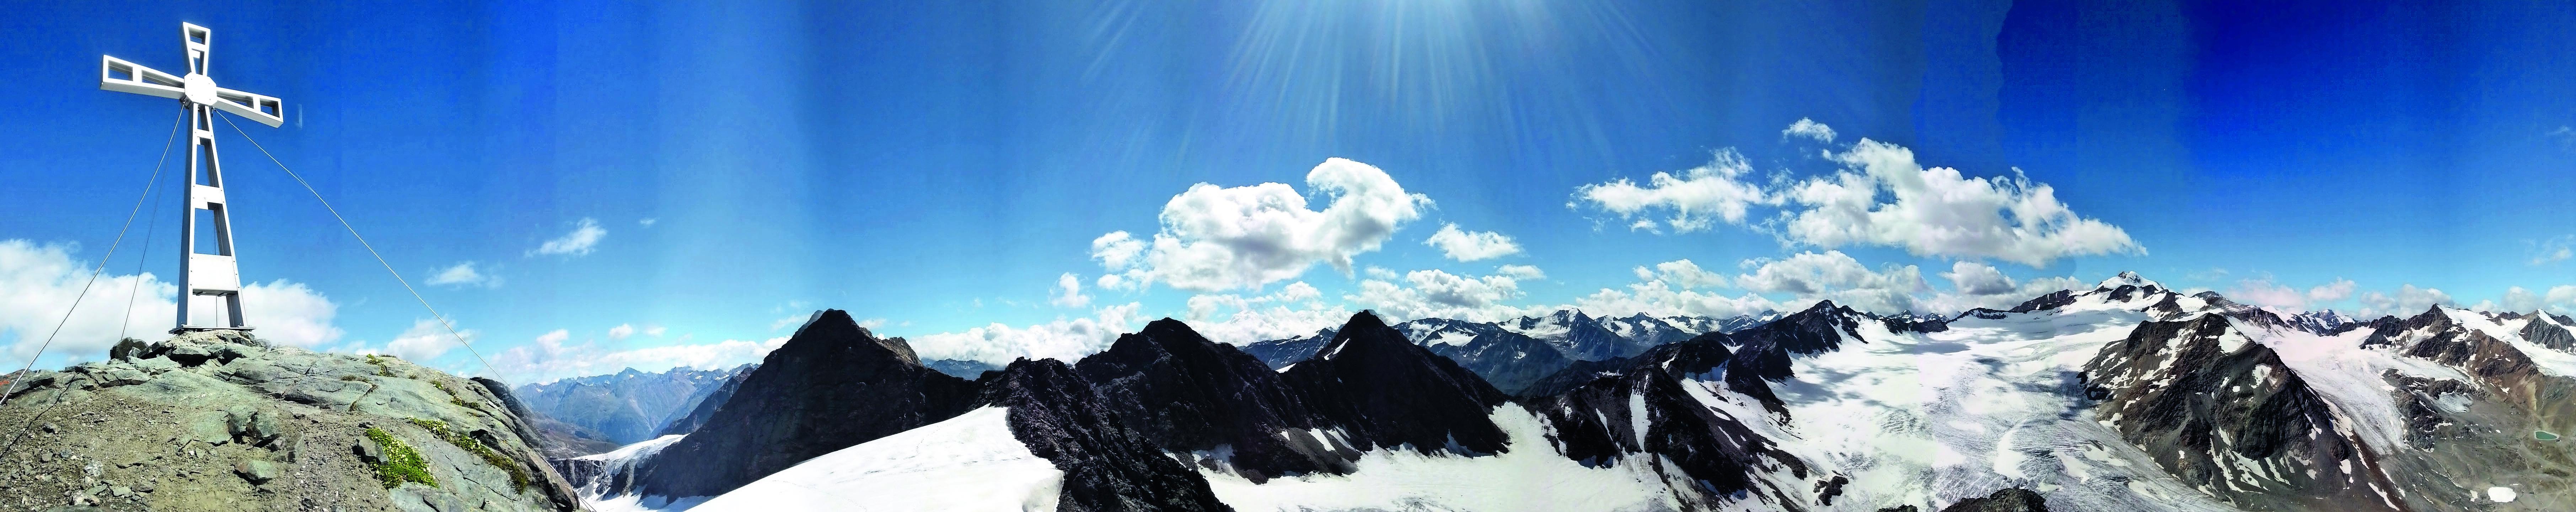 Allgäu, Österreich & Südtirol: Alpenüberquerung von Oberstdorf nach Meran